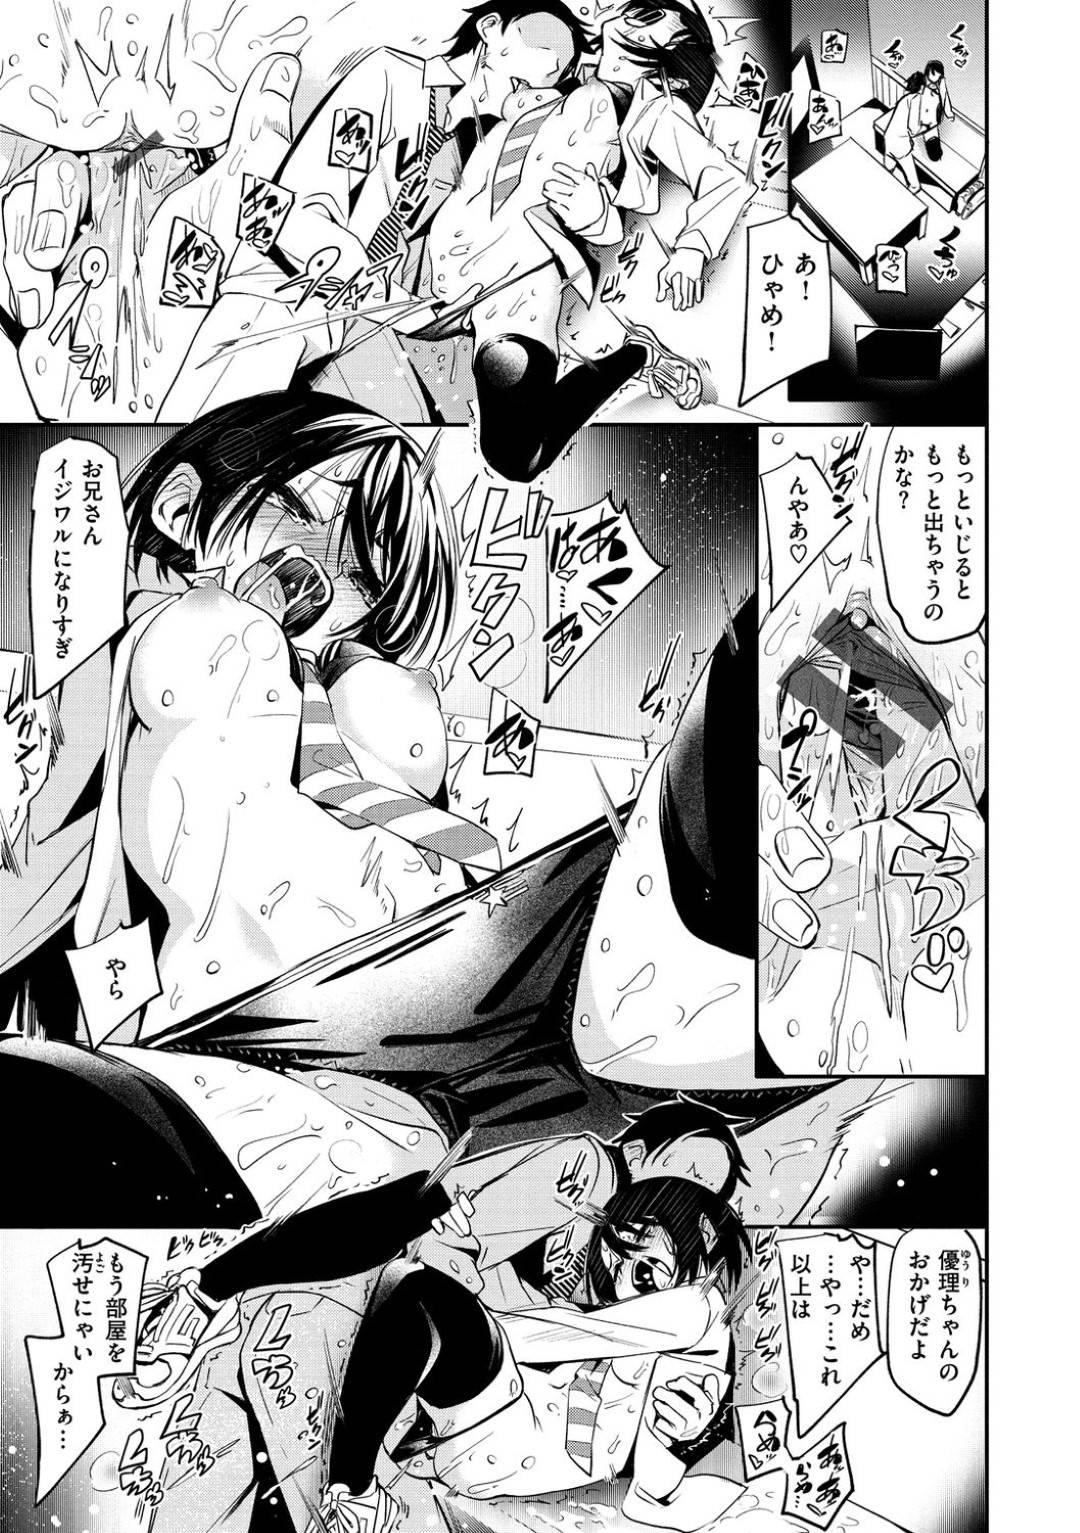 【エロ漫画】ひょんな事がきっかけで知り合った男とエッチな事をしてしまうスレンダー貧乳JK…彼女は彼とカラオケに入っては生ハメ中出しセックスしてしまう!【fu-ta:おつかれ】